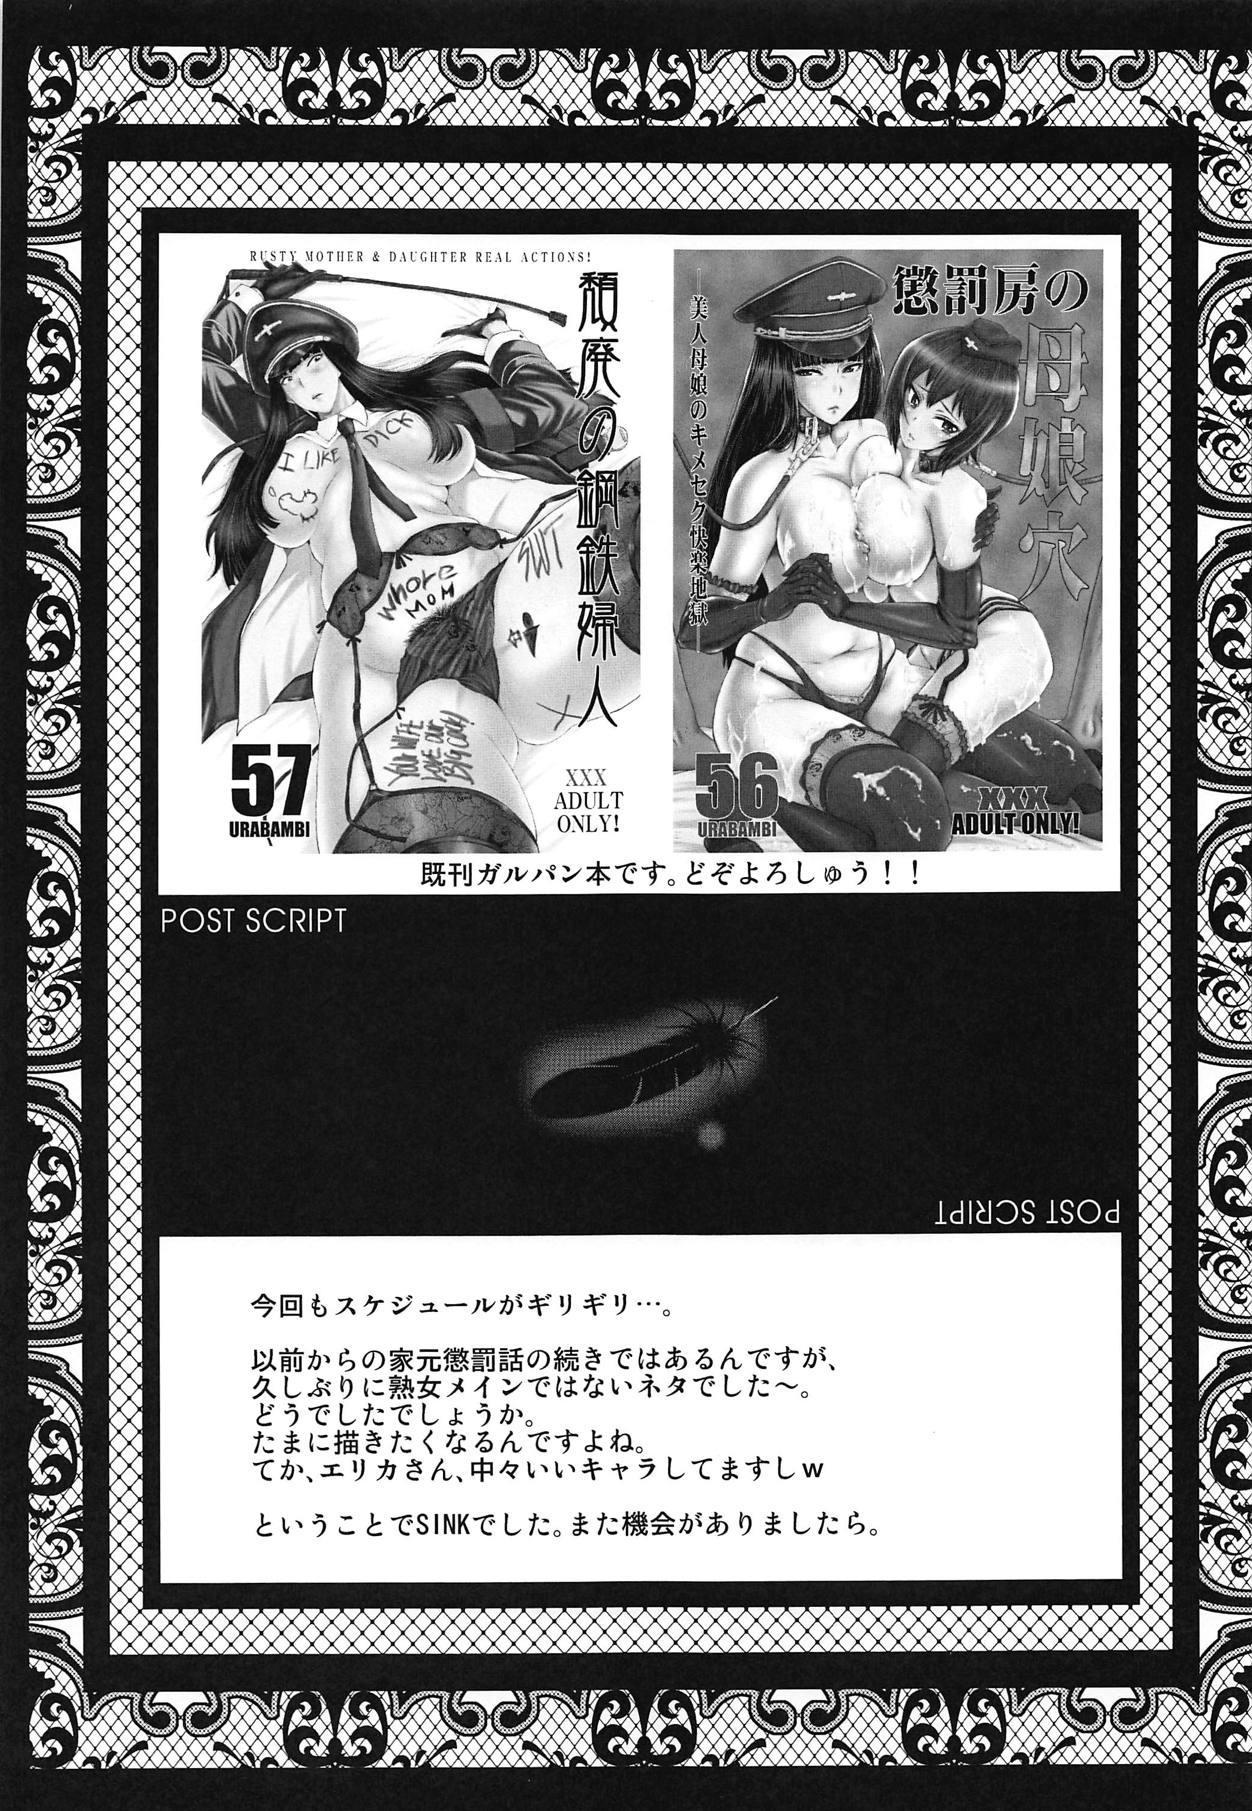 Urabambi Vol. 58 Genfuku Taichou o Seiteki ni Yorokobasechau Hon 23